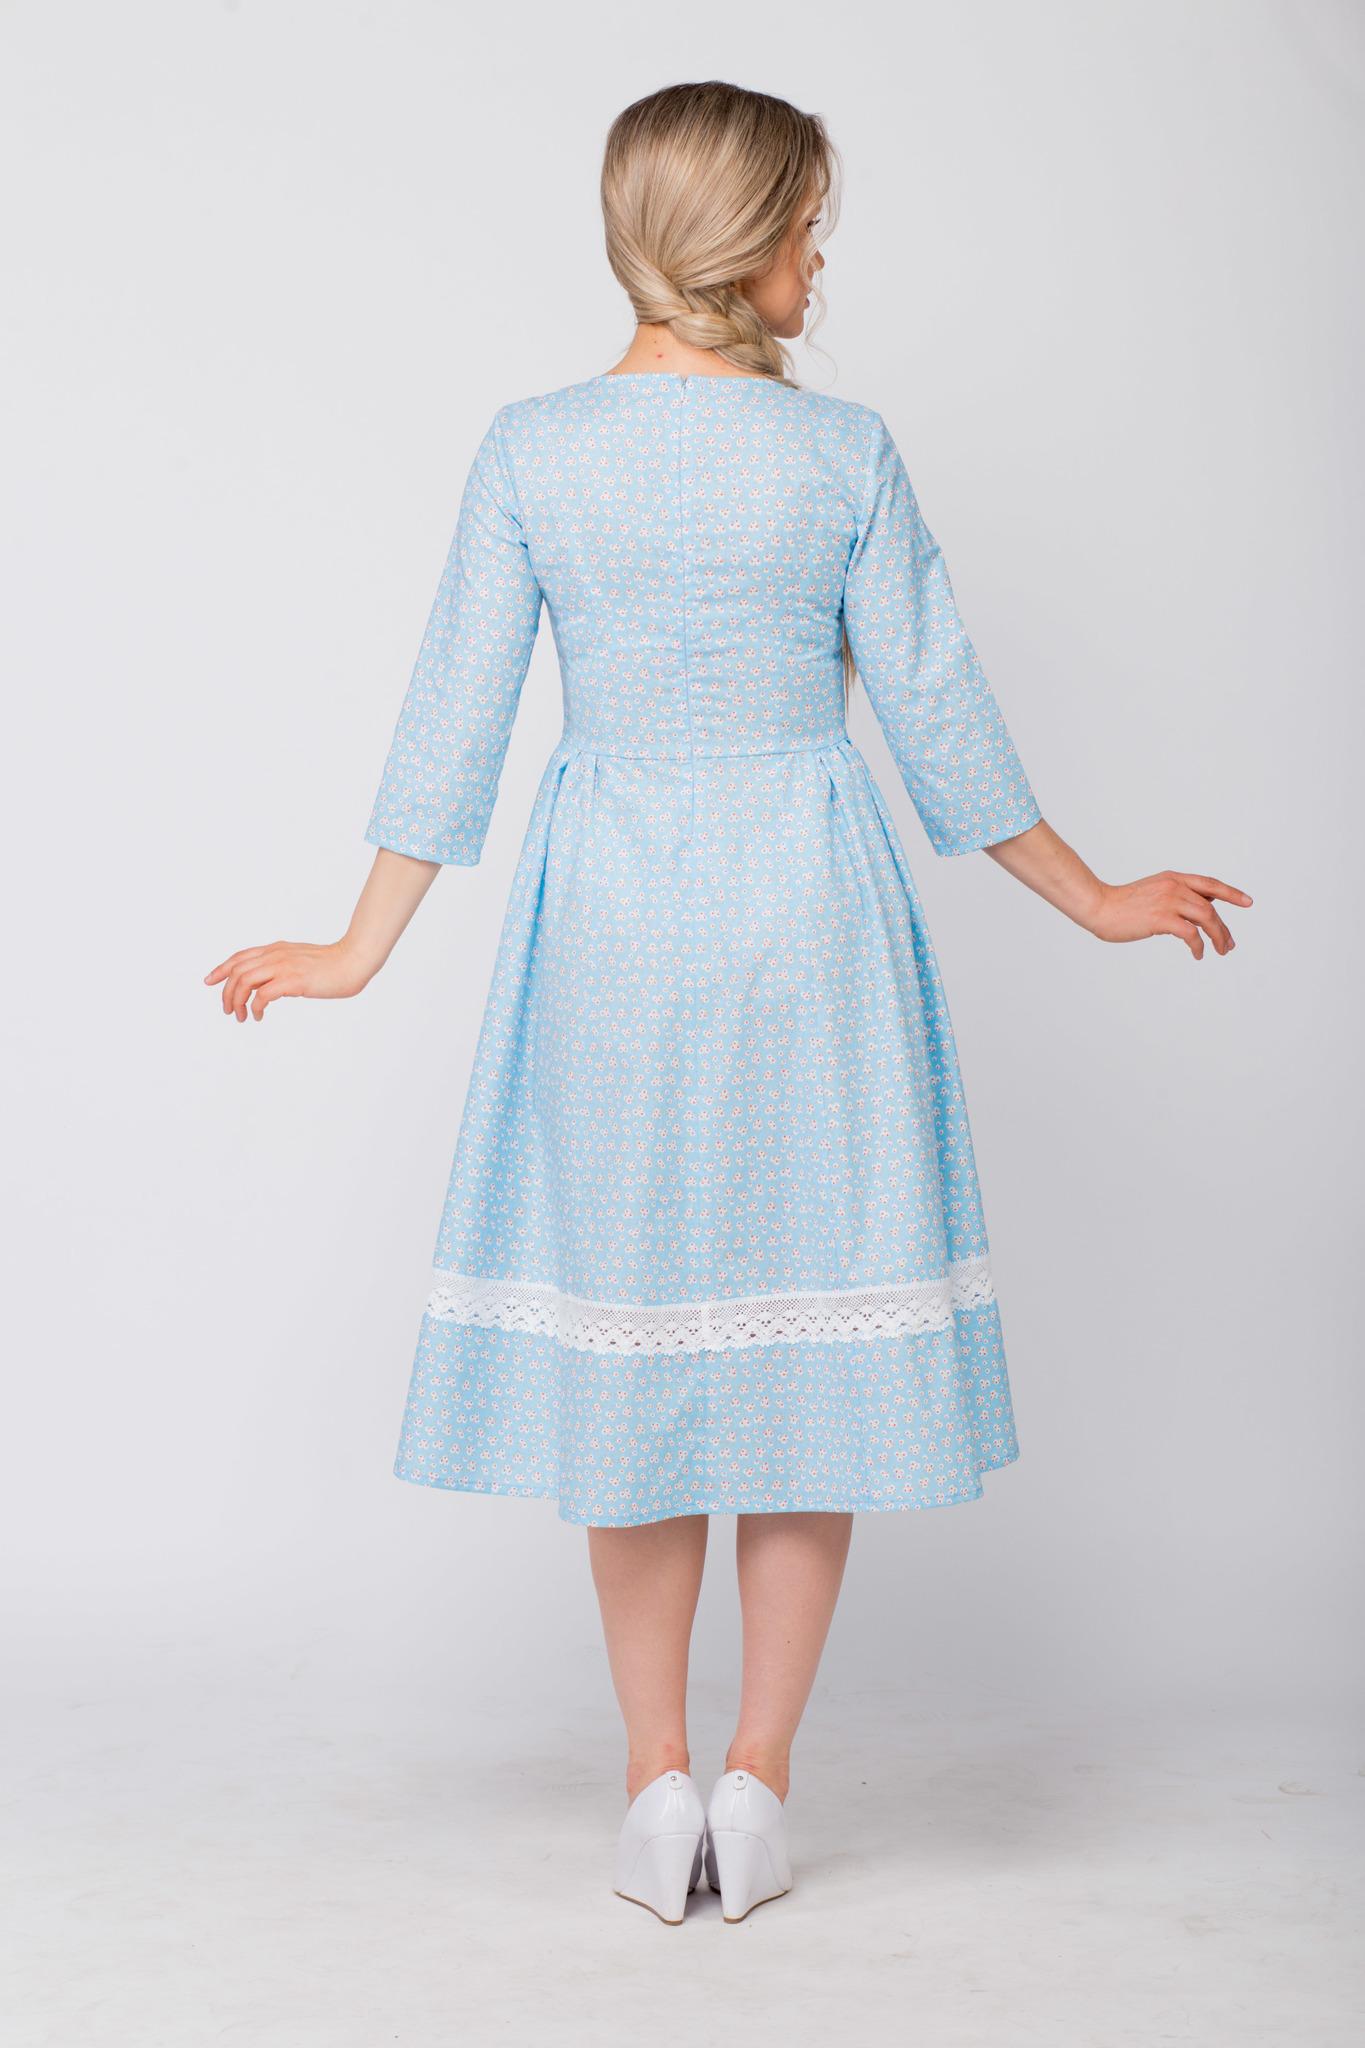 Платье хлопковое Кружевные маргаритки вид сзади